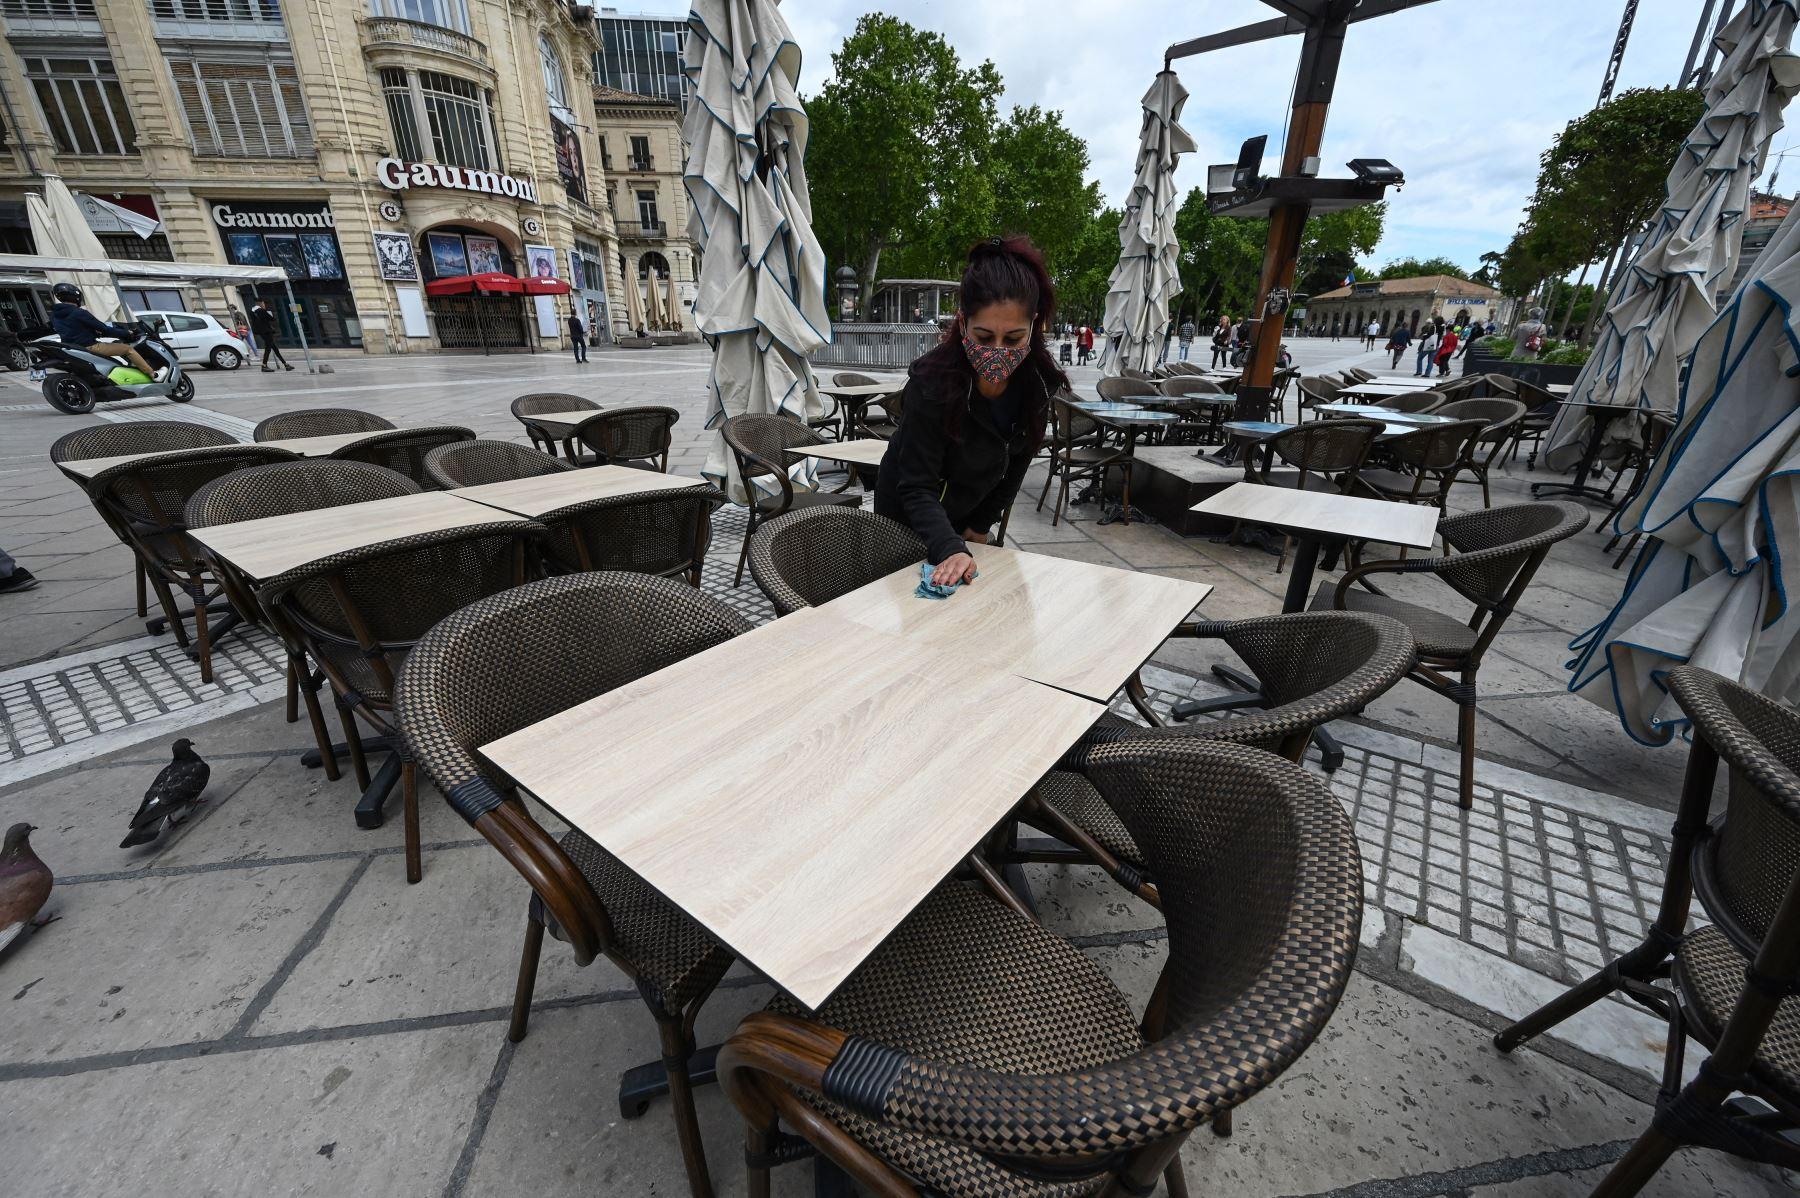 Una mujer instala la terraza de un restaurante en la ciudad de Montpellier, en el sur de Francia, el 17 de mayo de 2021, dos días antes de una reapertura enormemente anticipada de las terrazas de los restaurantes, parte de un alivio del cierre nacional. Foto: AFP